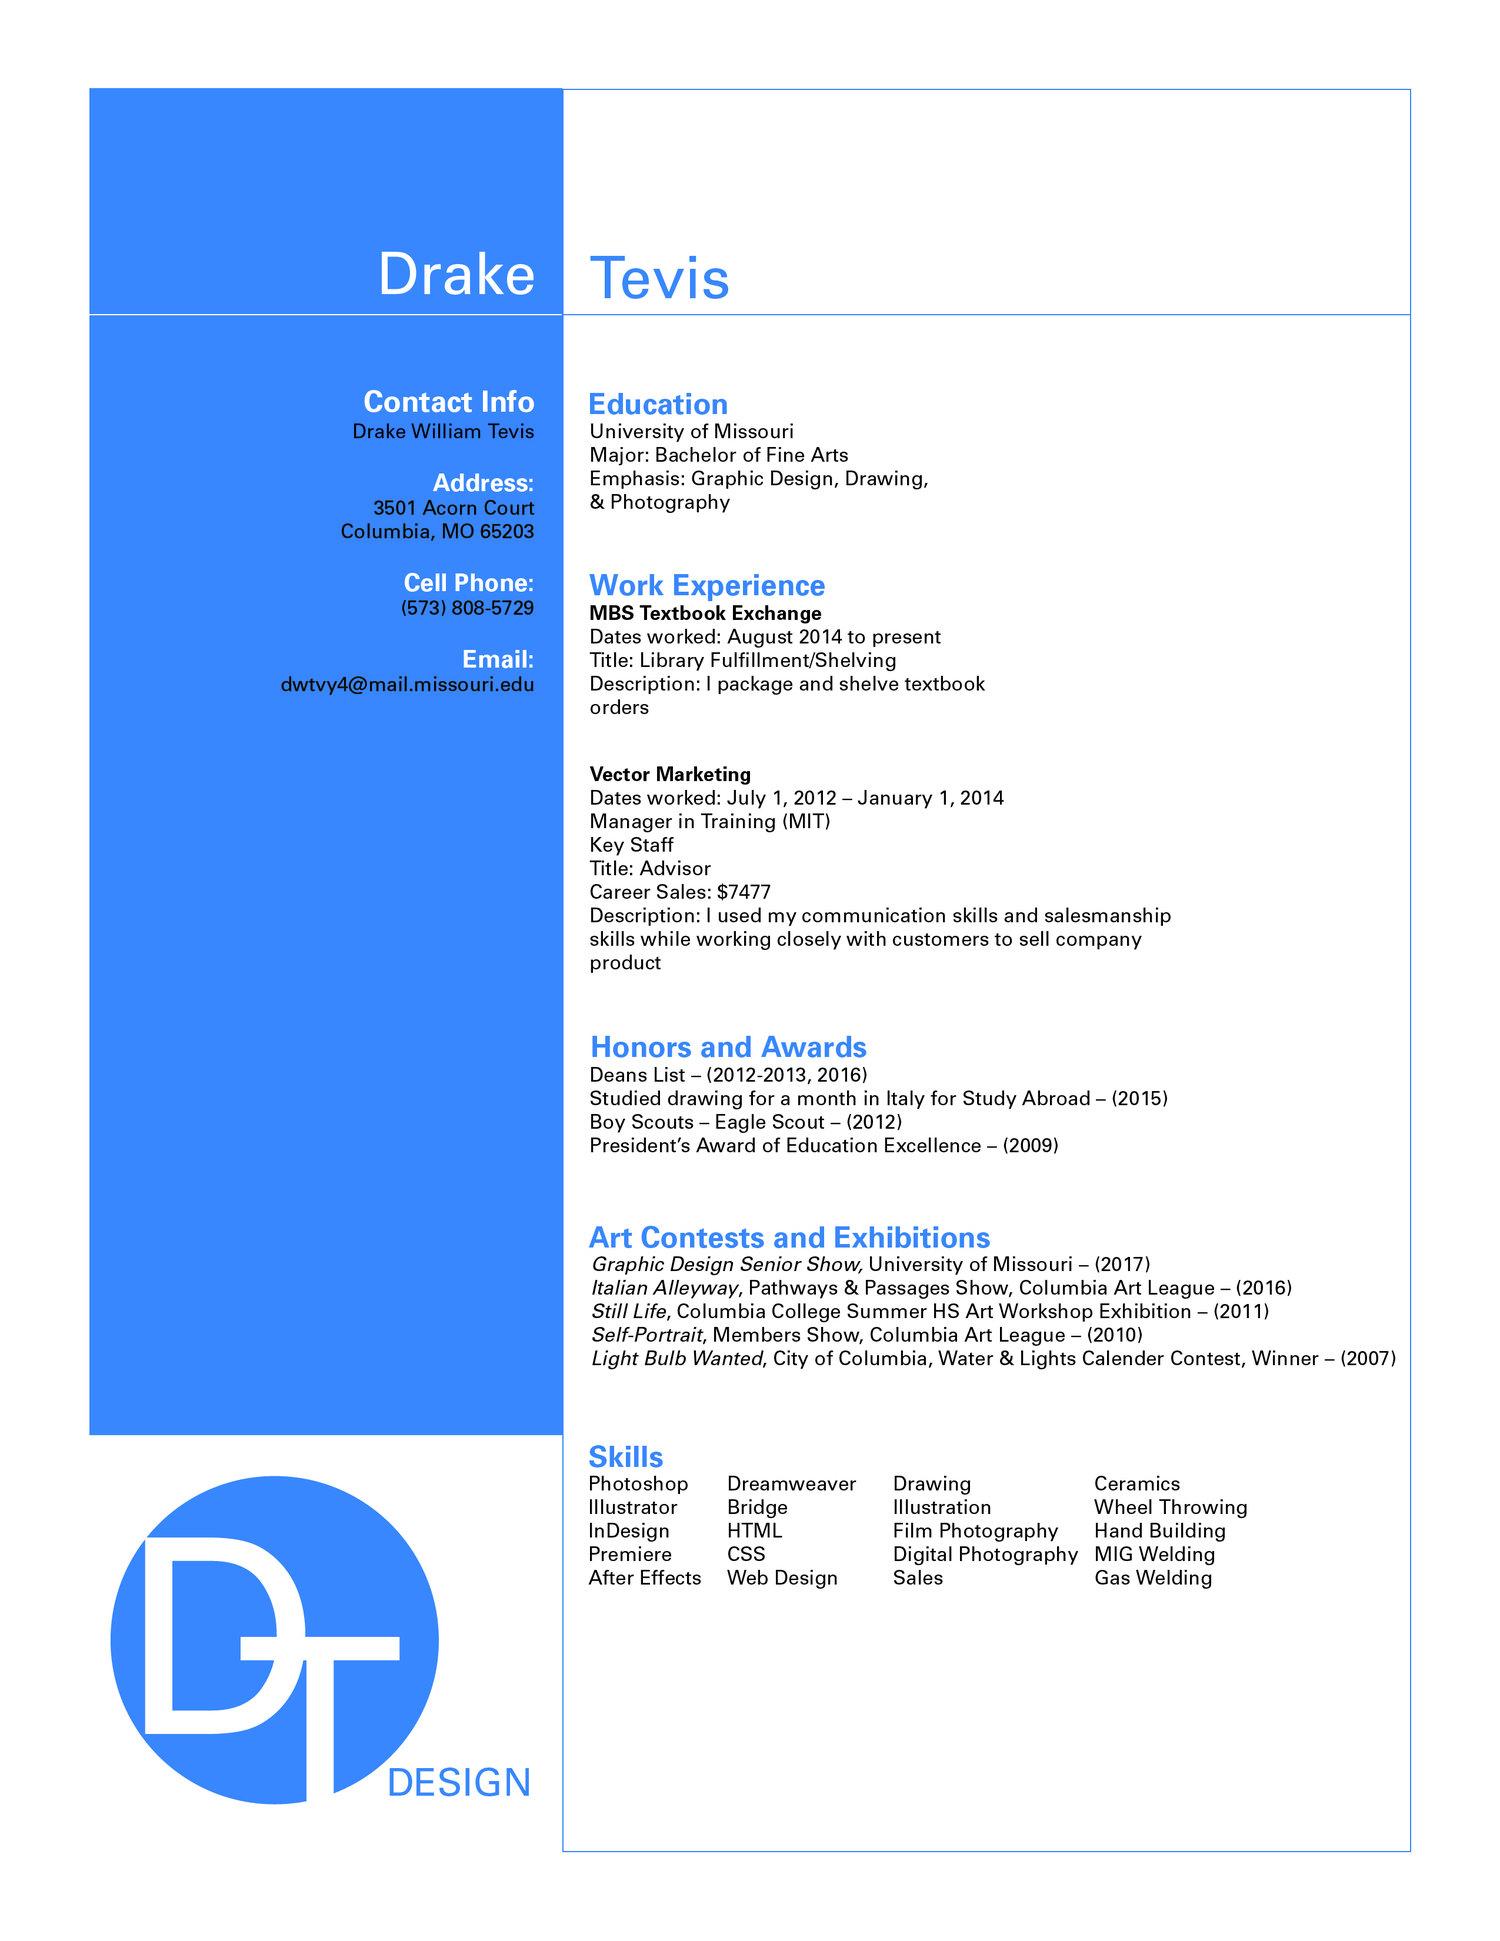 Resume — Drake Tevis